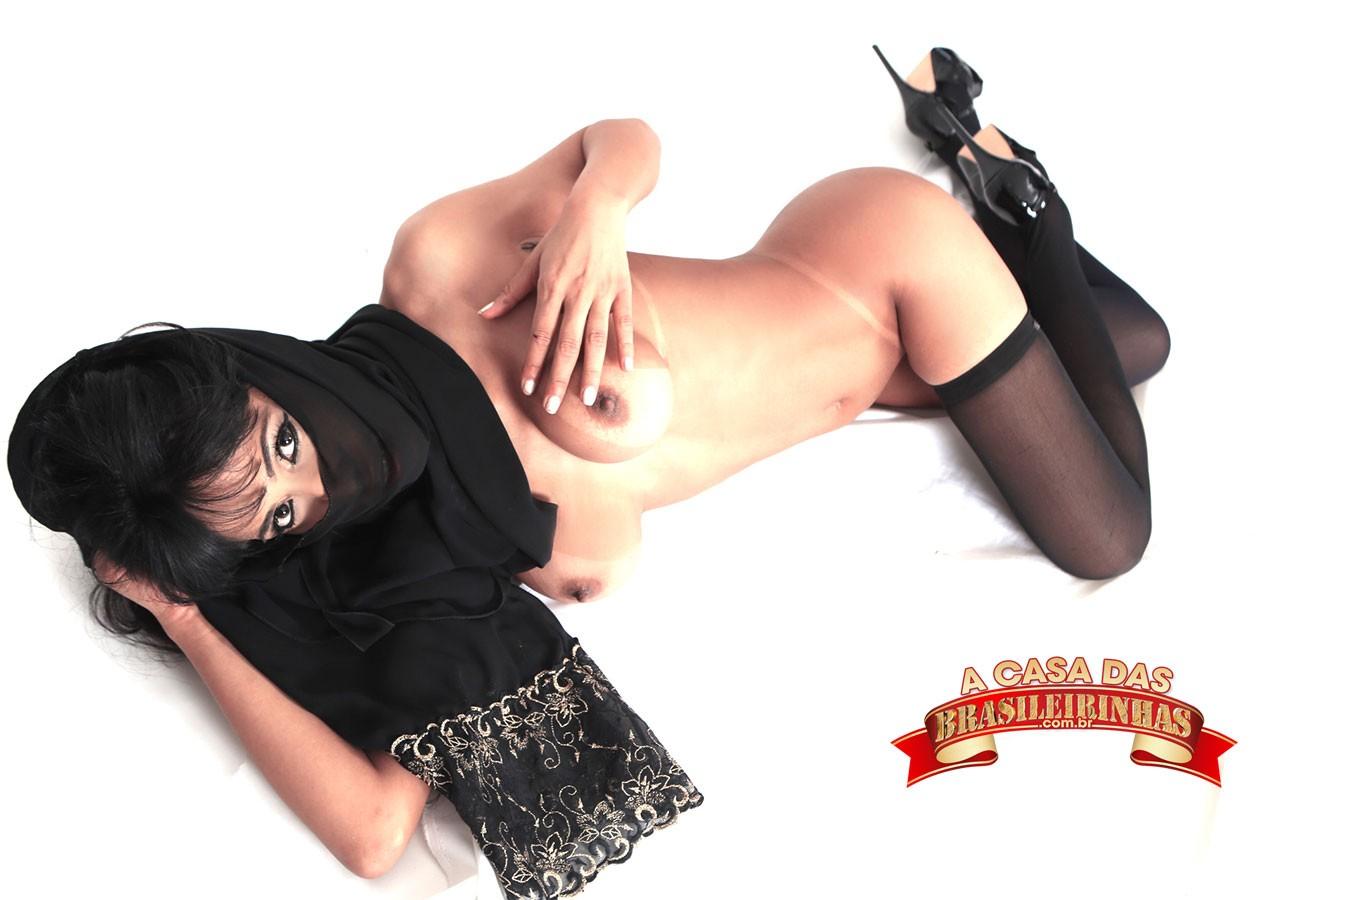 Alessandra-Smith-cobrindo-o-rosto-com-lenço.jpg